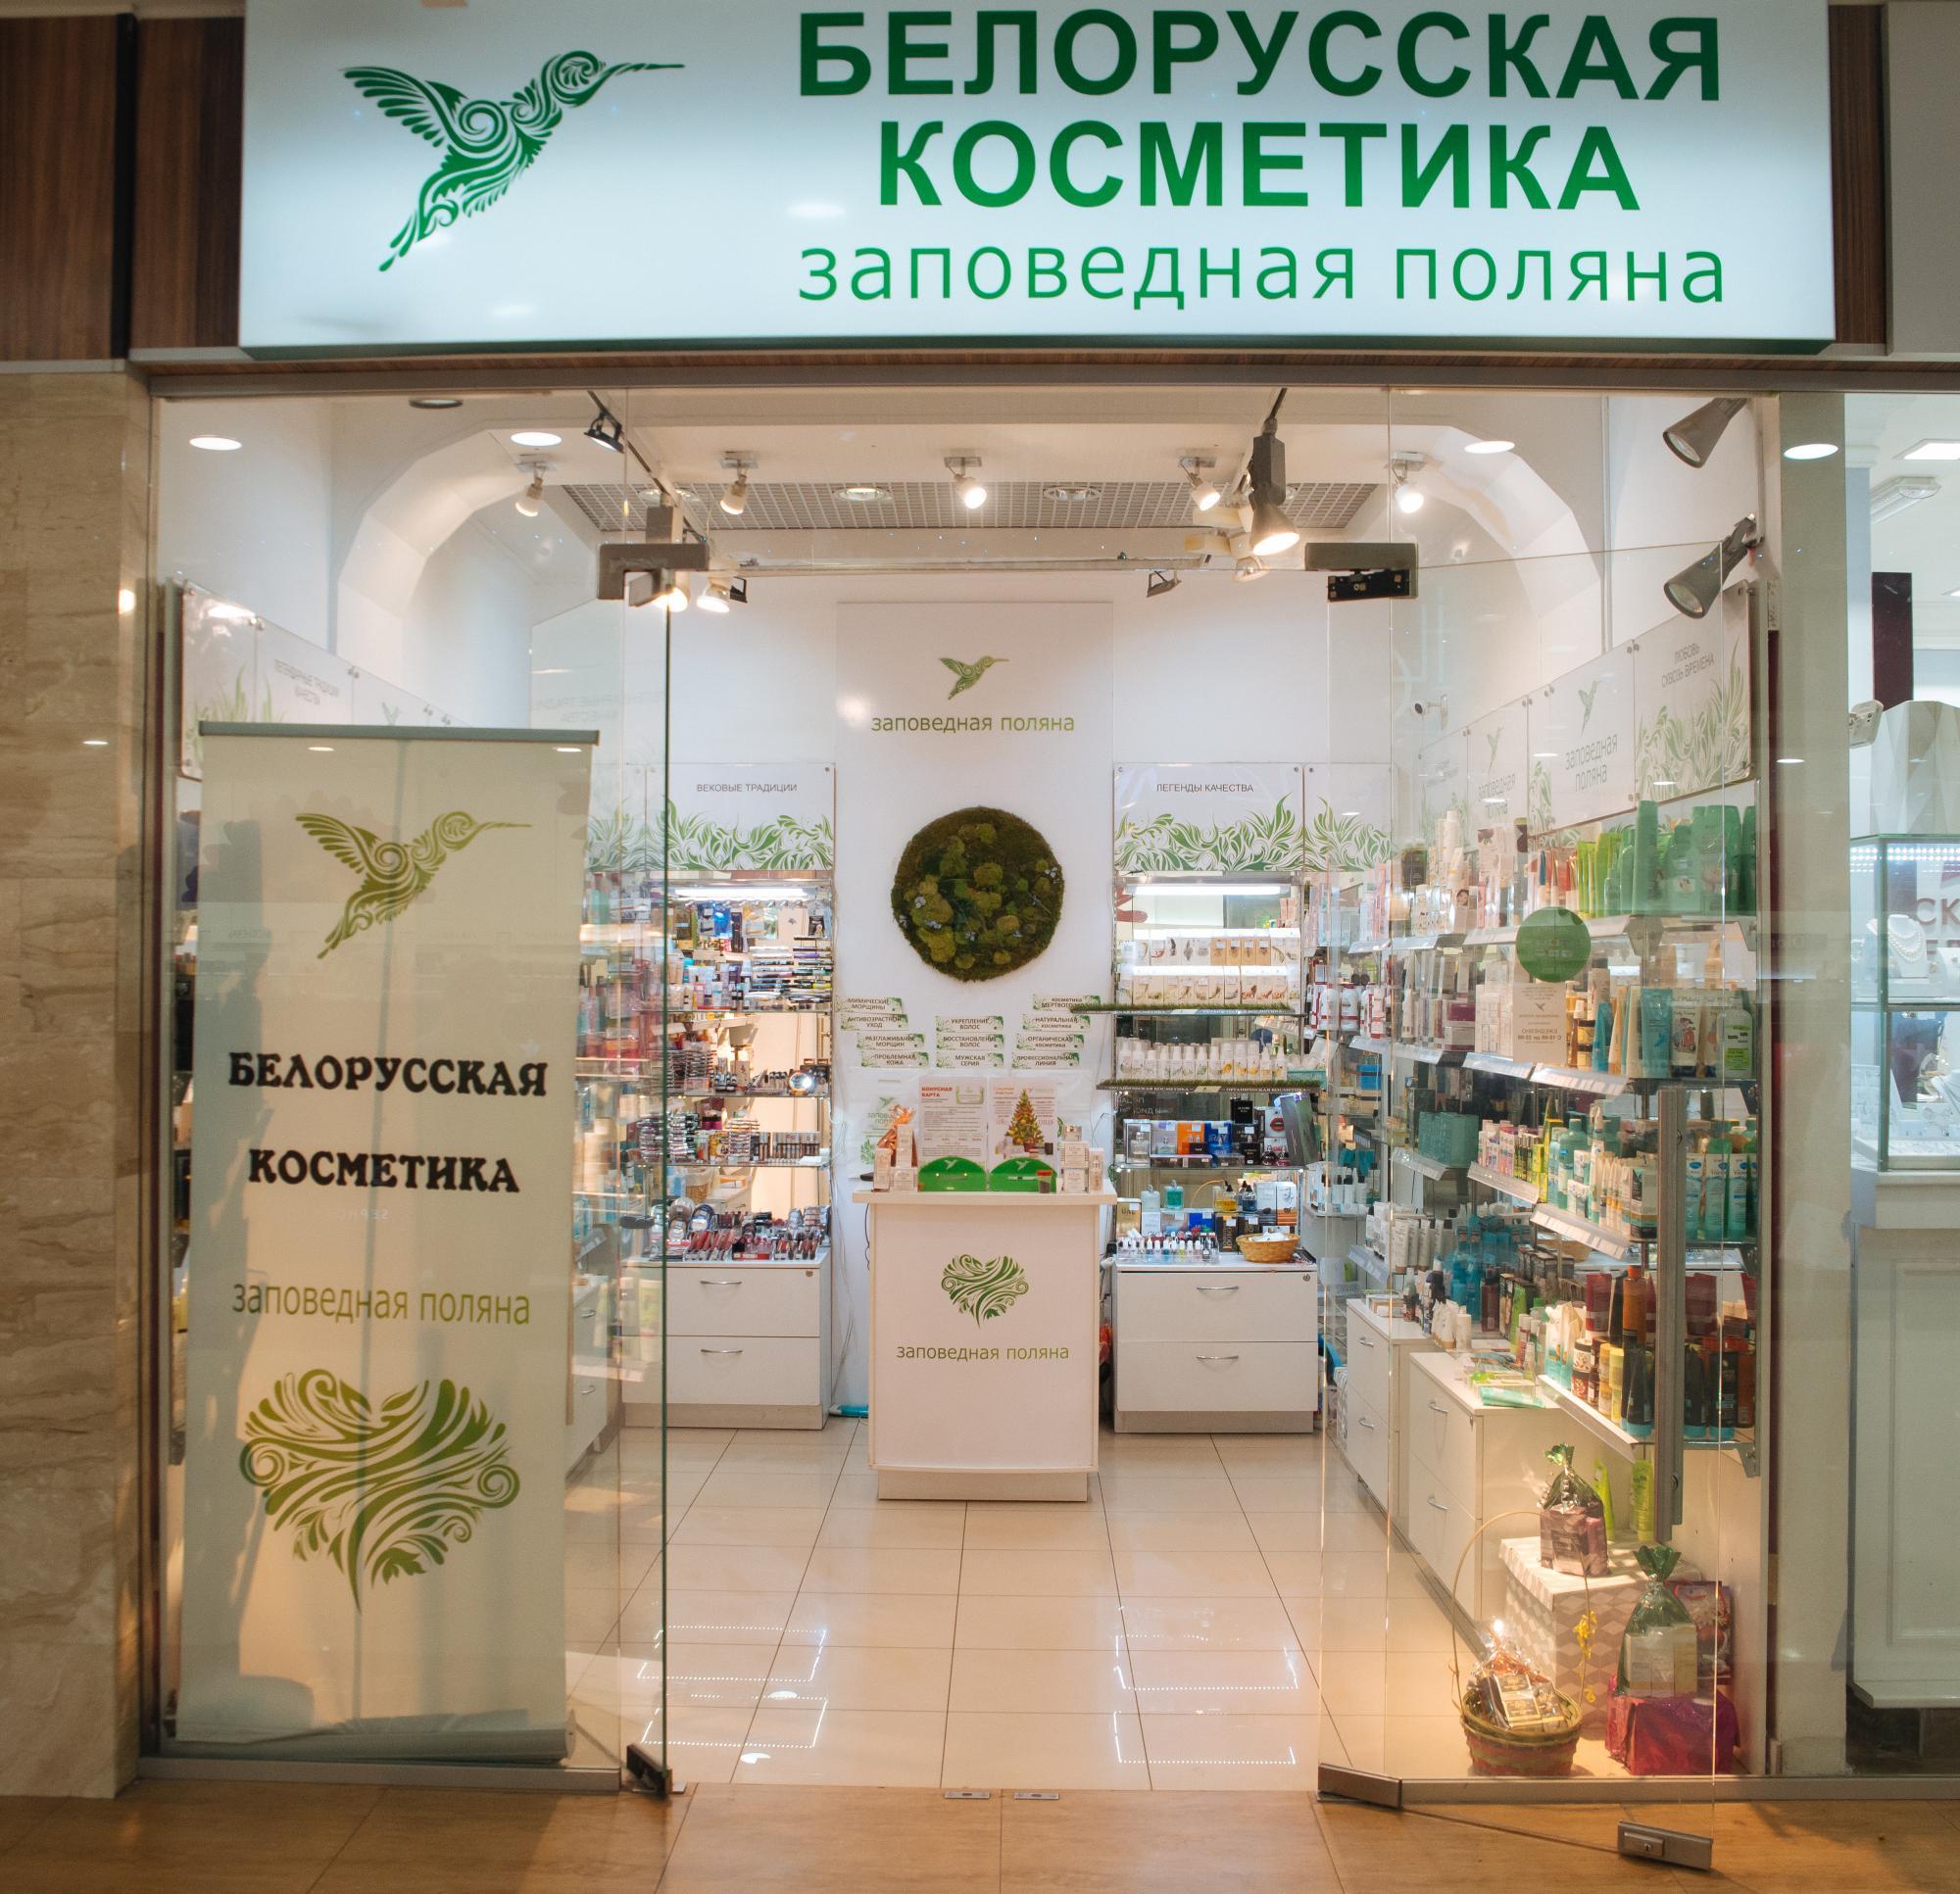 Купить белорусскую косметику москва профессиональная косметика для волос в ижевске купить